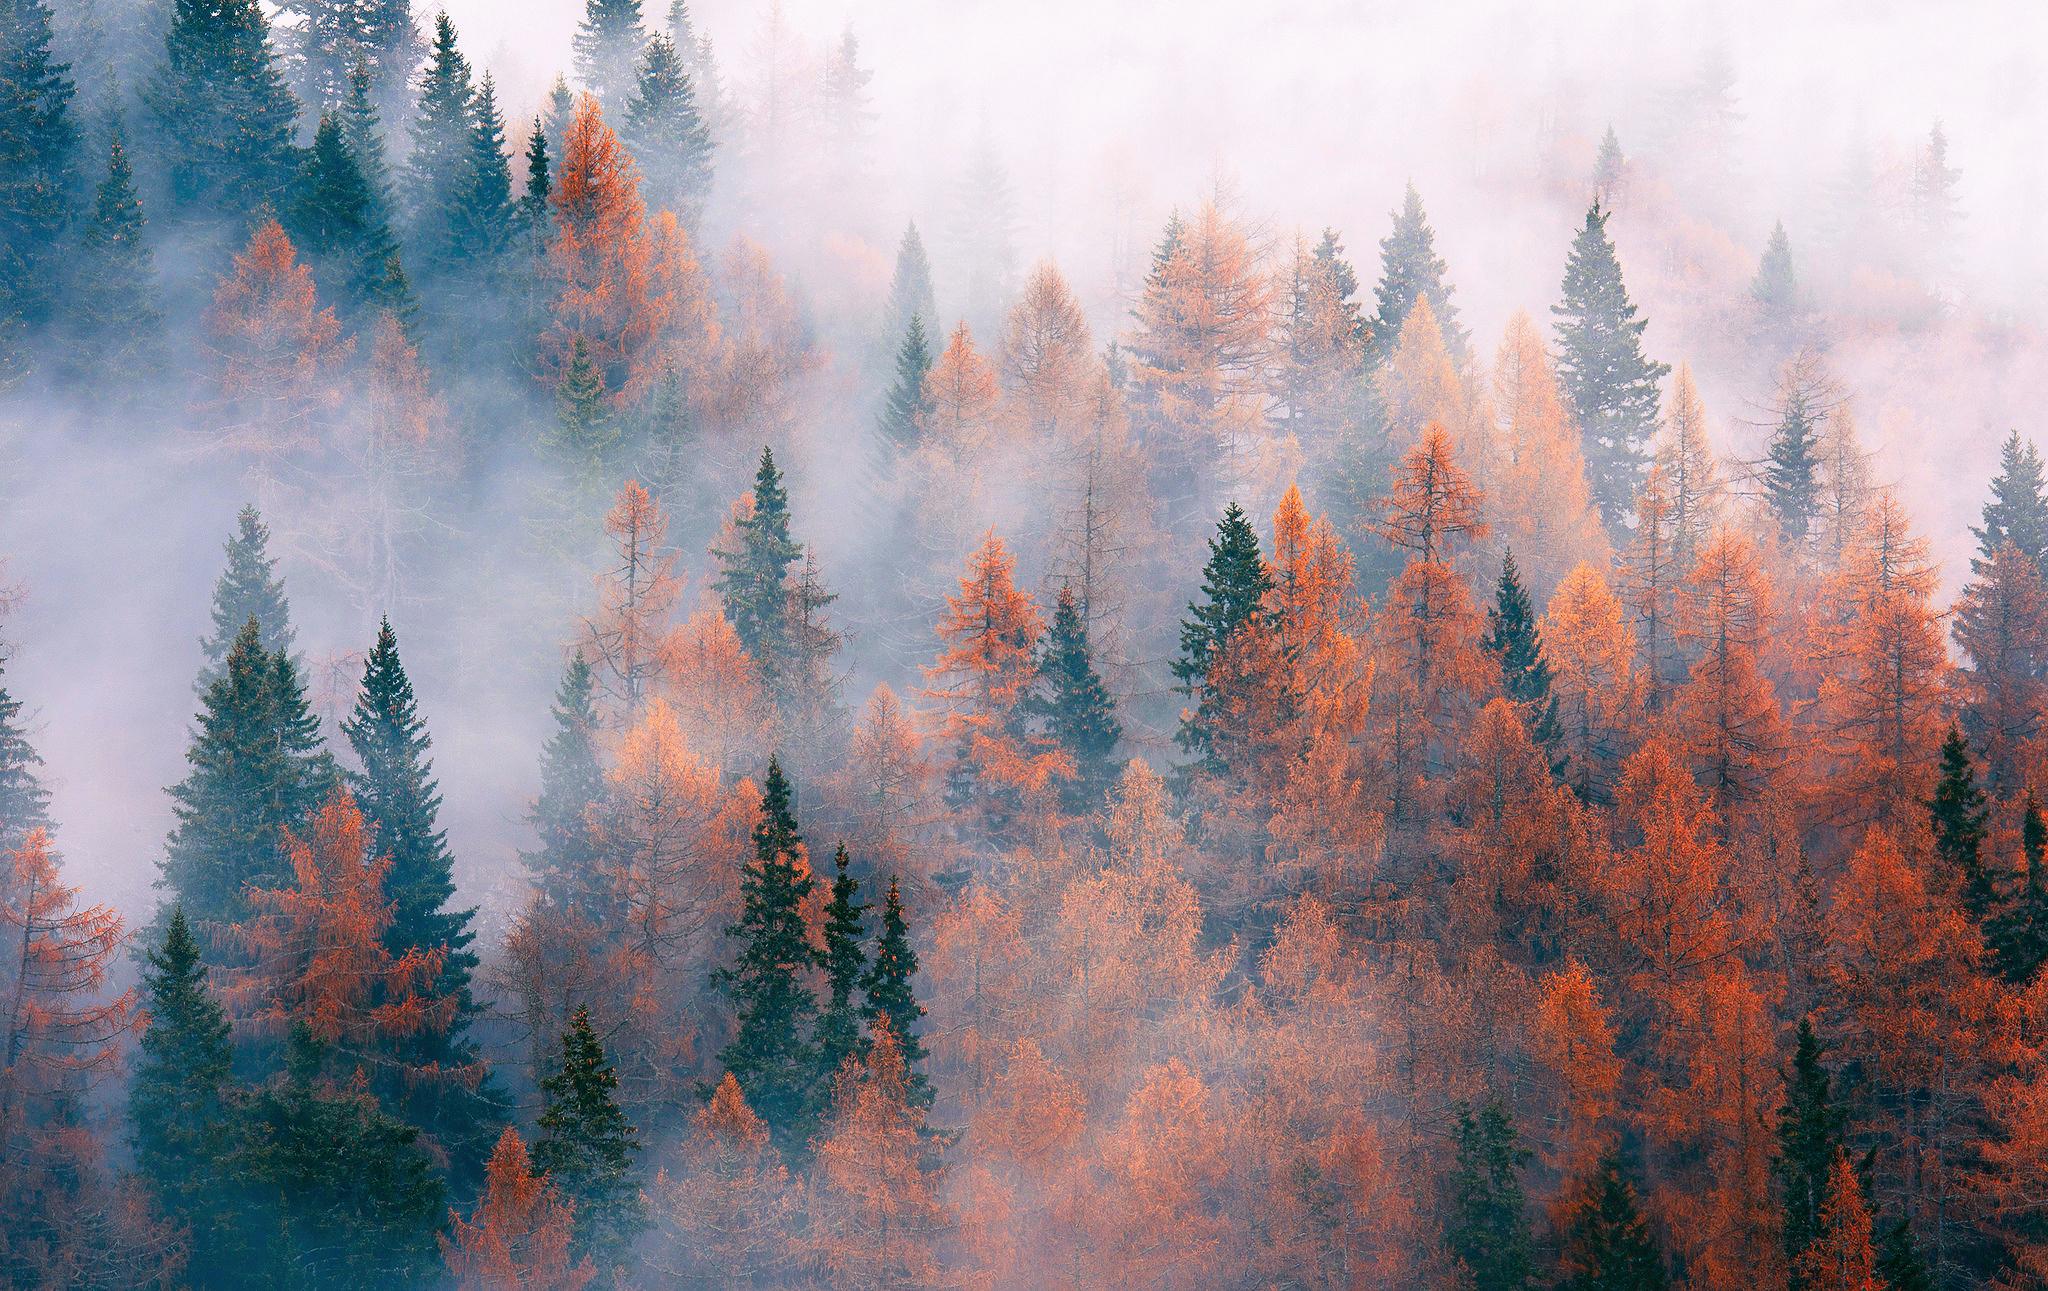 другие вопросы фон туманный лес гребешок аккуратно прочешите